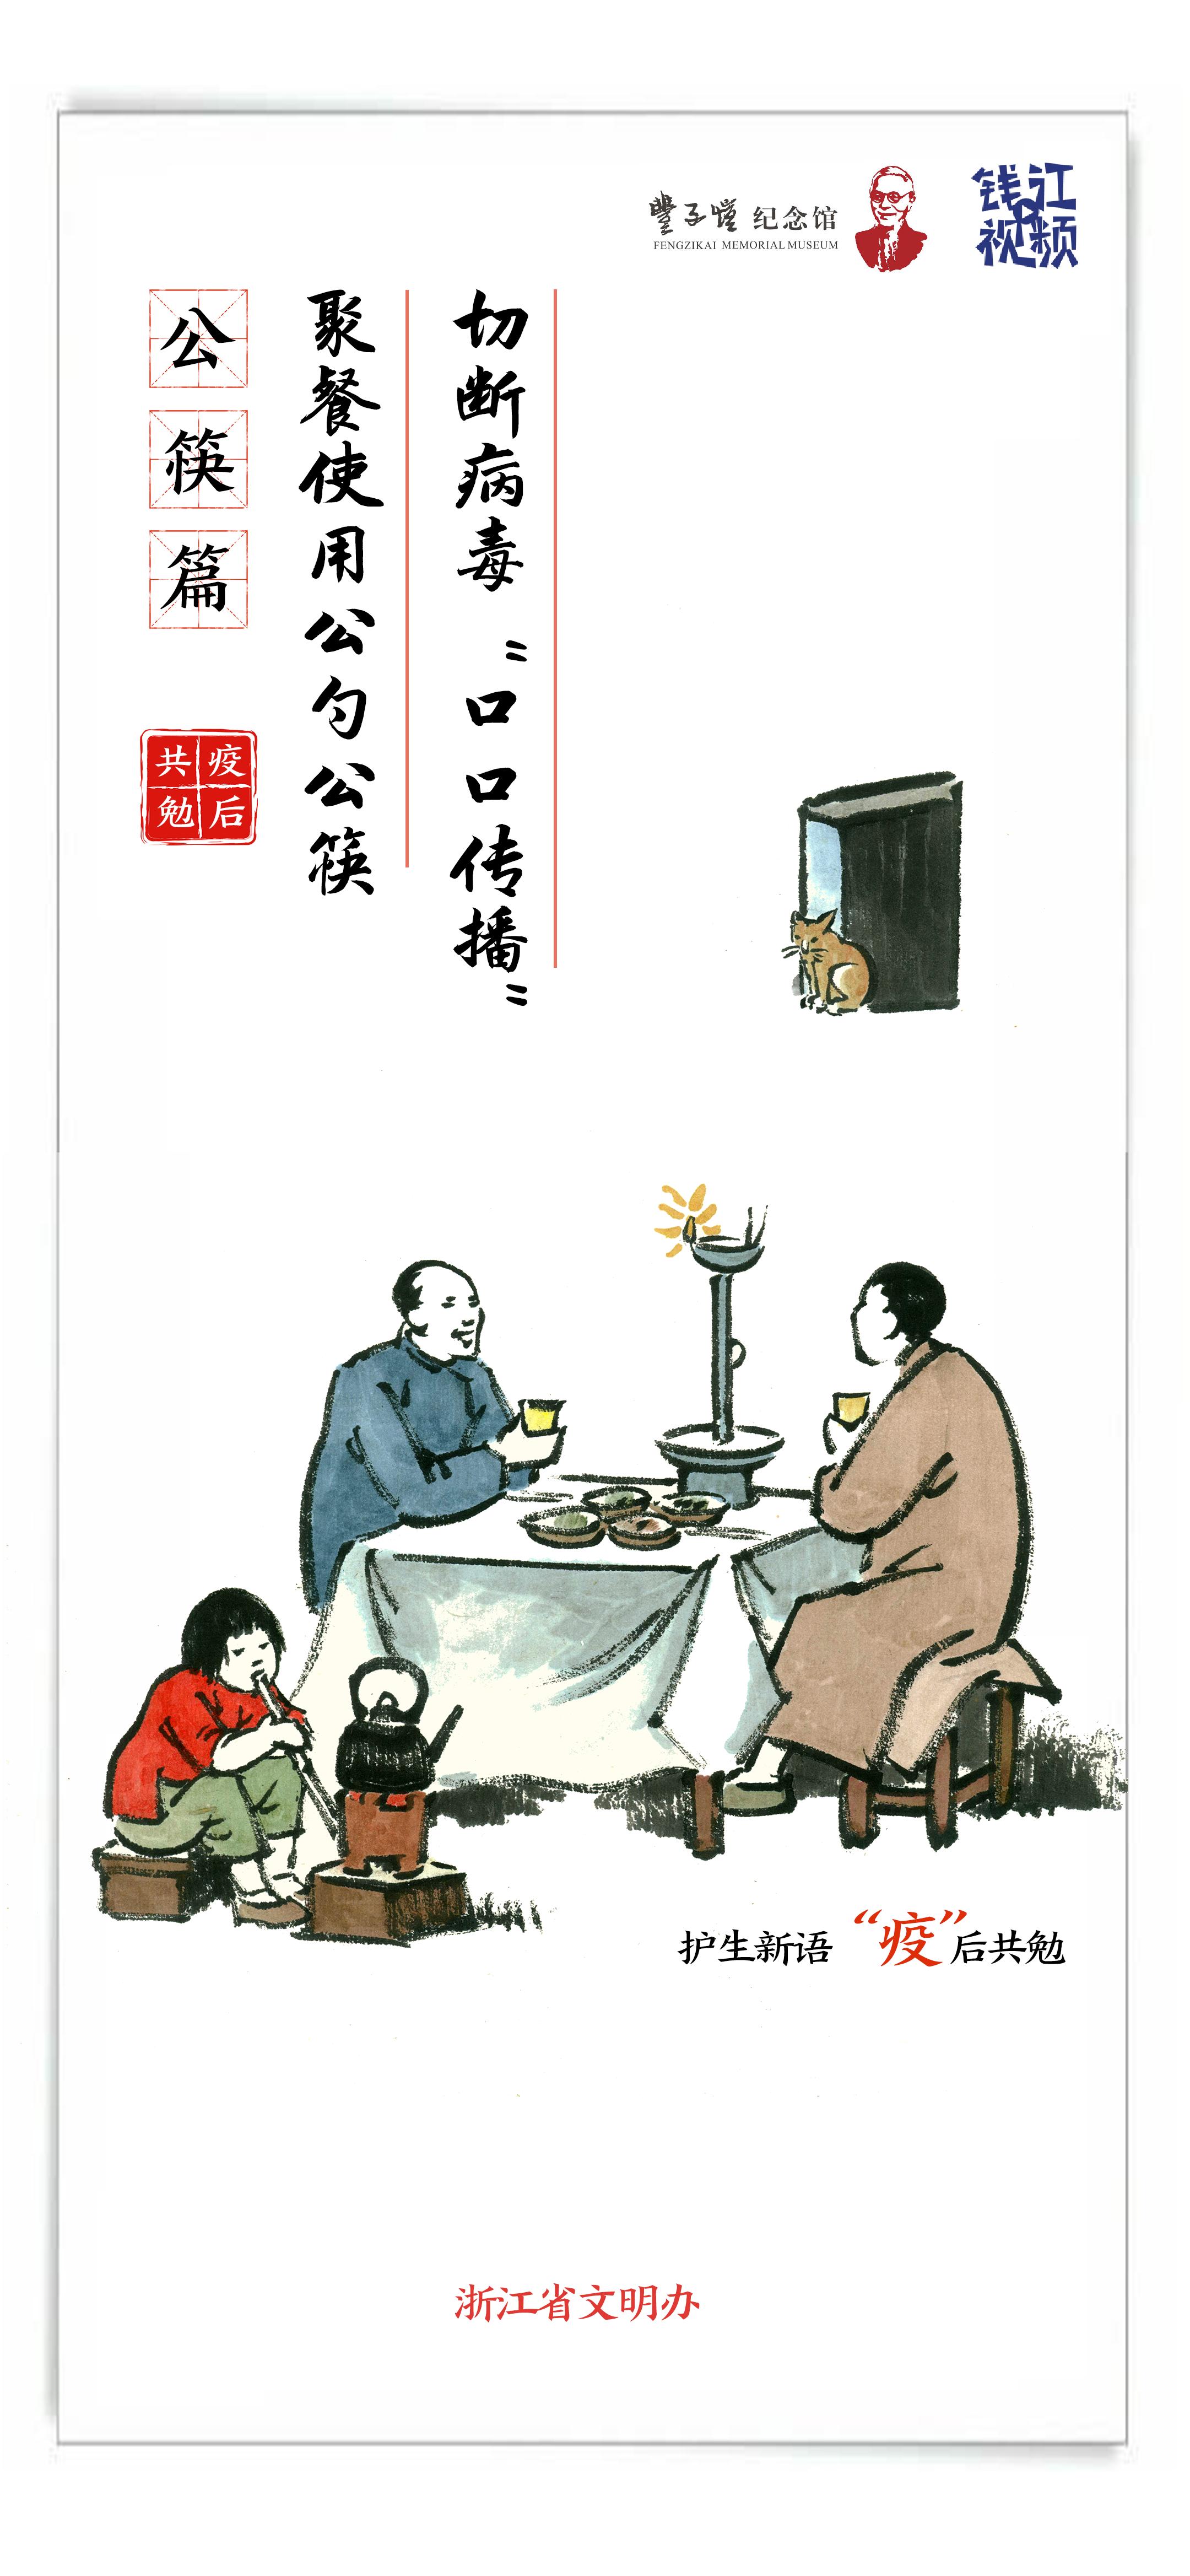 钱江视频-丰子恺主题抗疫公益广告02